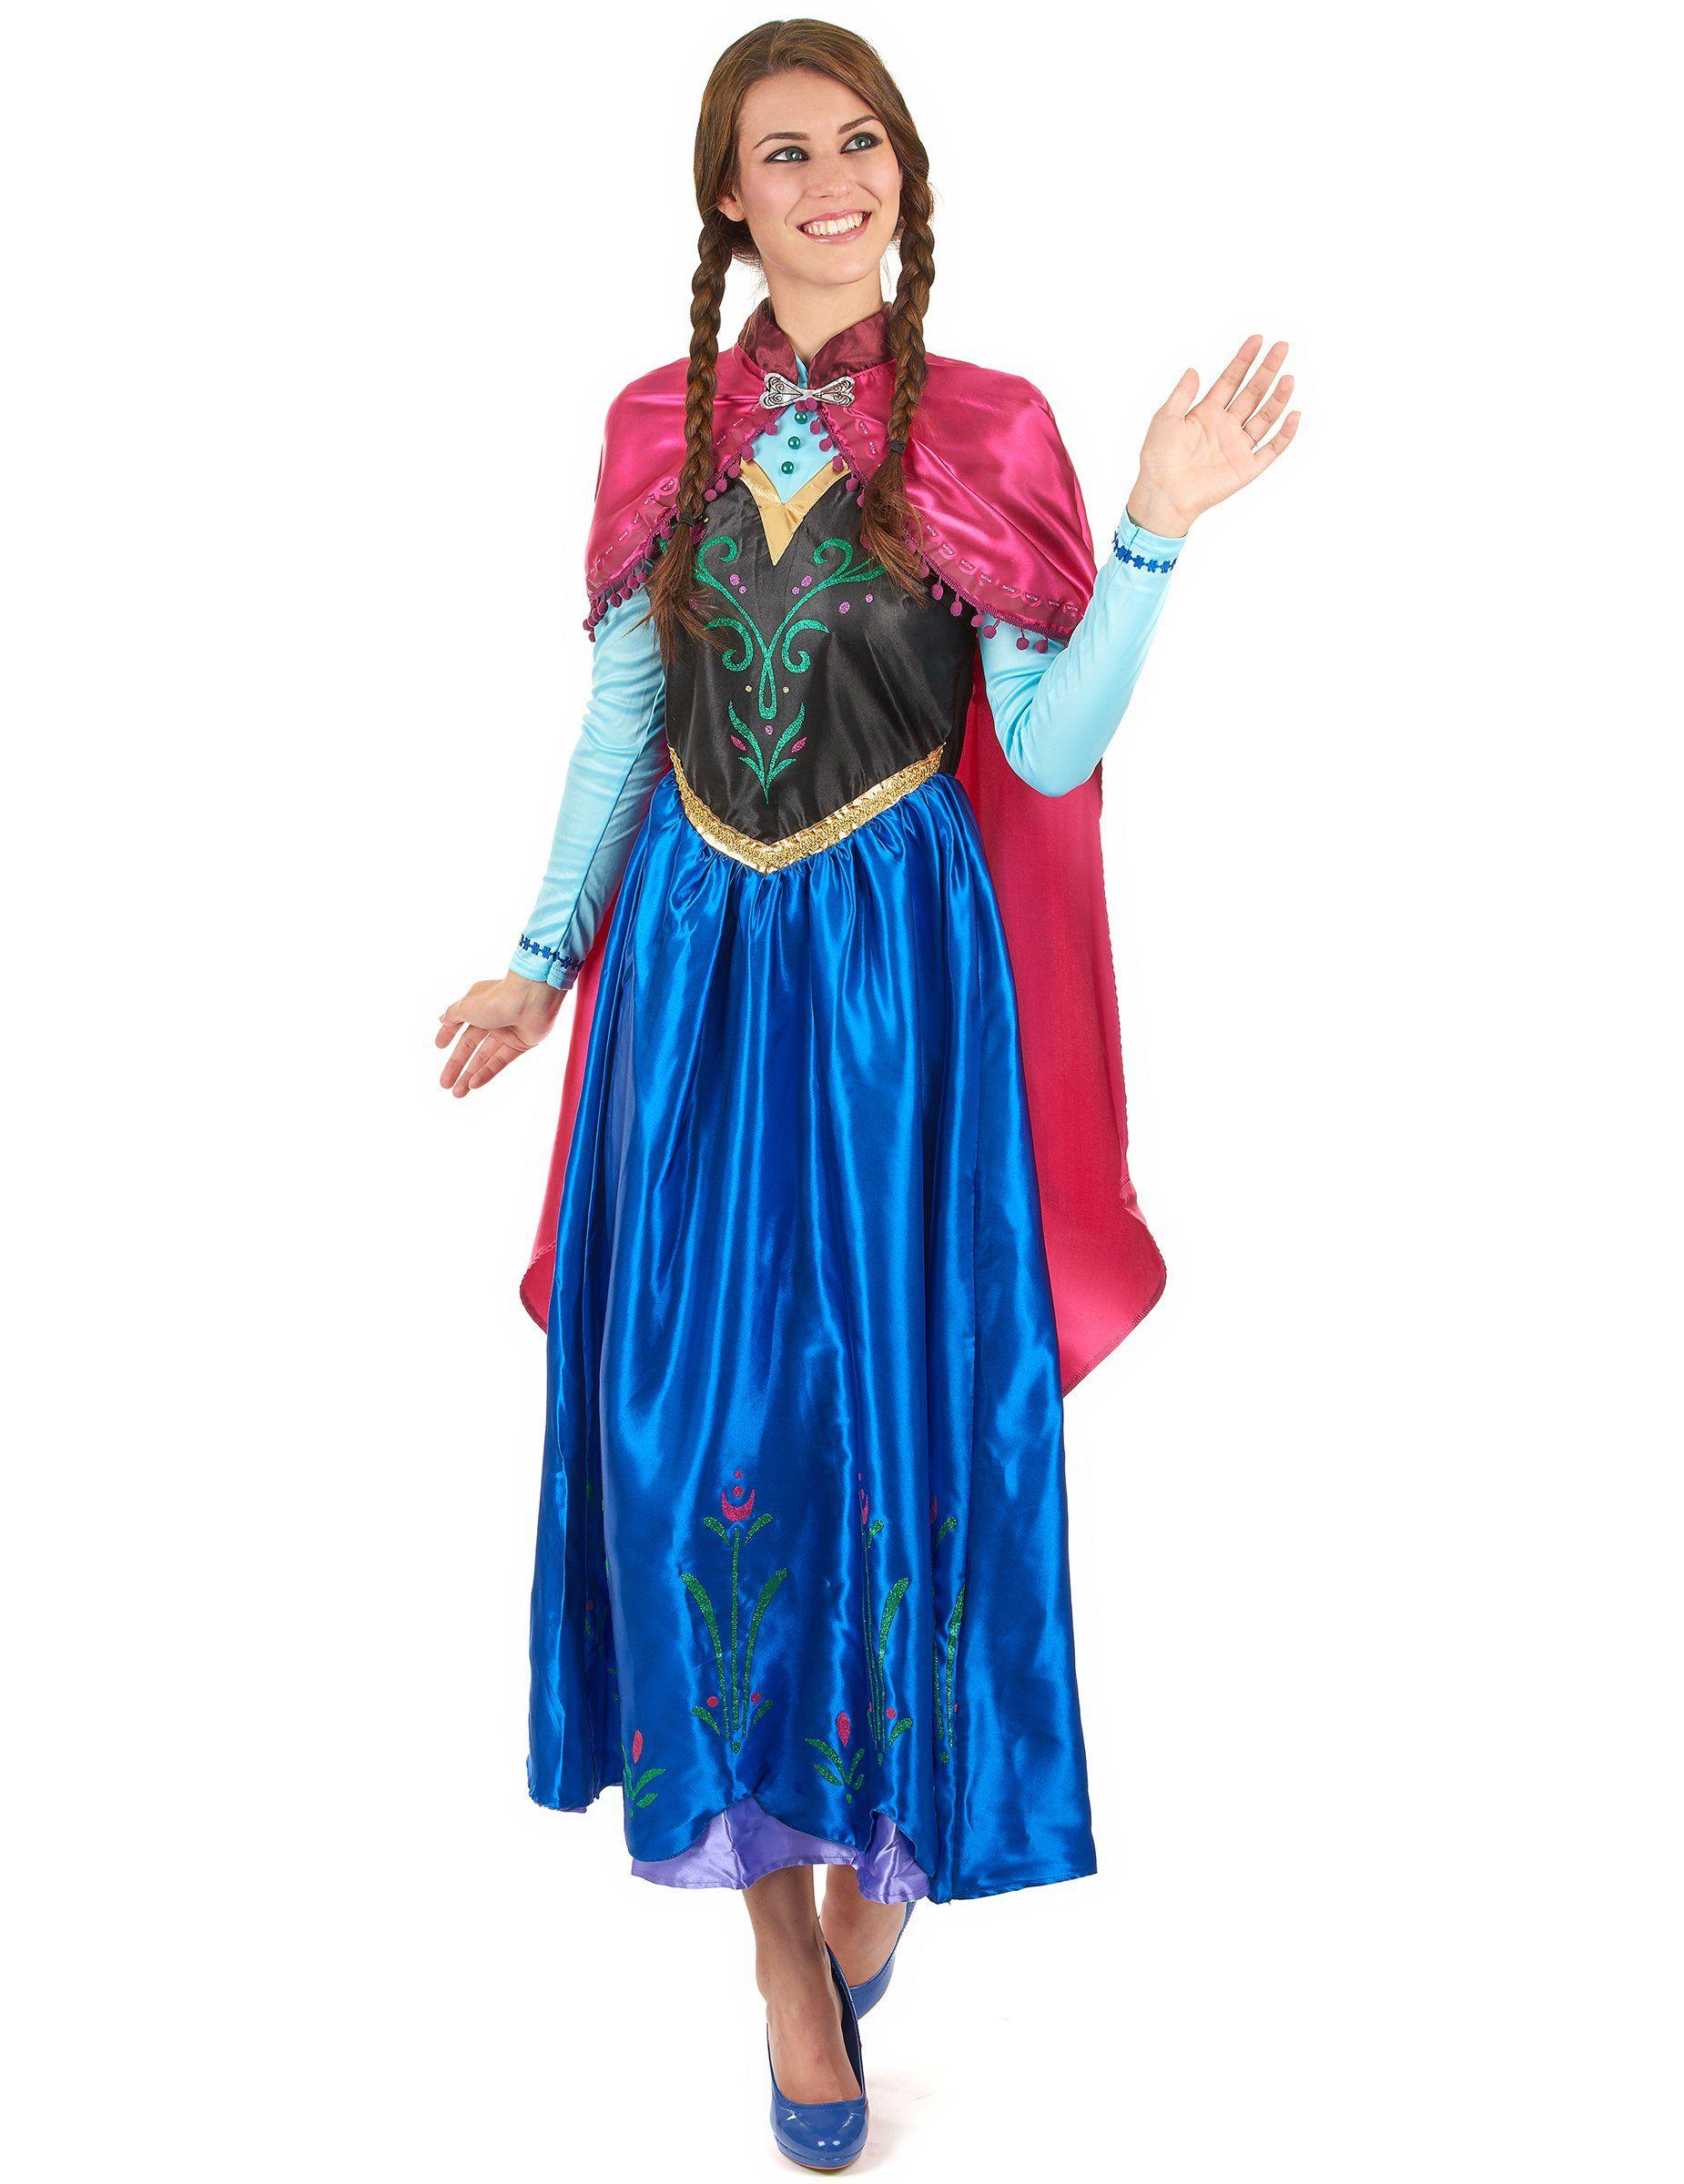 Disfraz Anna Frozen™ adulto  Este disfraz de Anna Frozen™ tiene licencia  oficial de Frozen™. Incluye vestido y capa (zapatos no incluidos). eb55d1677989